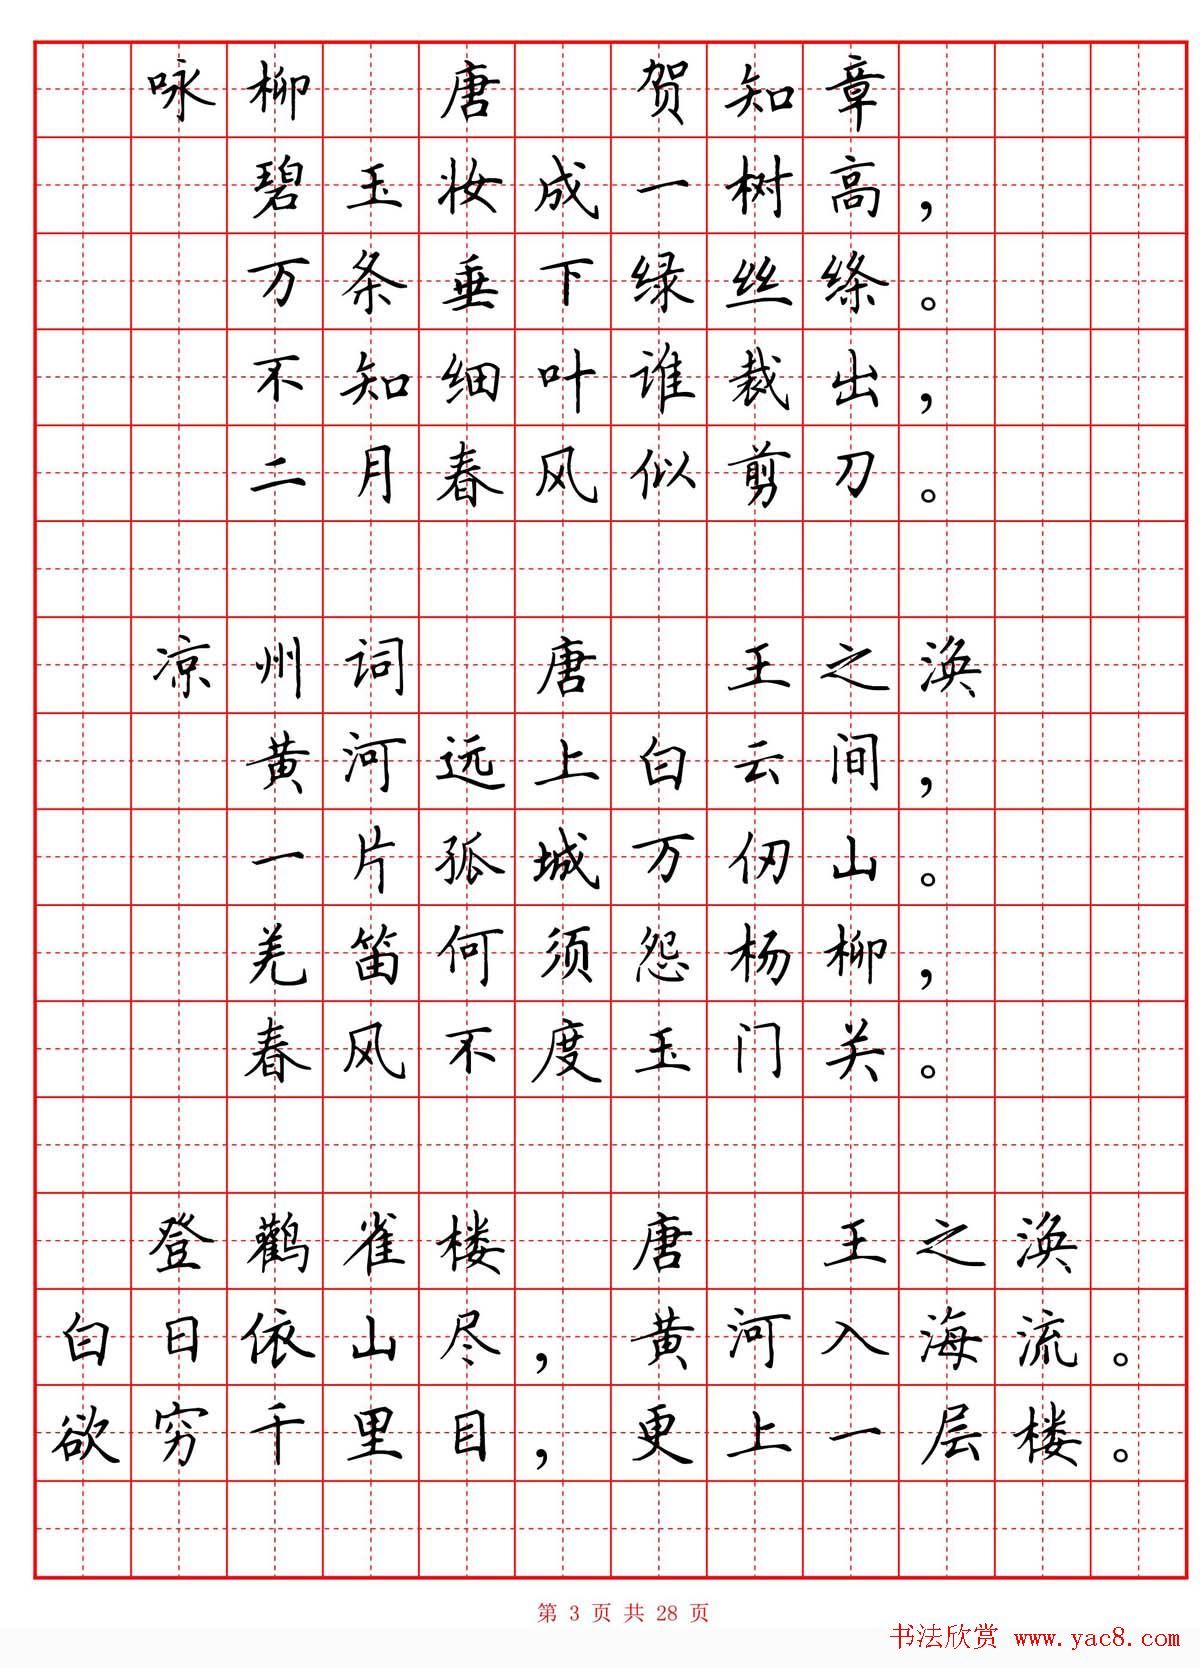 硬笔书法字帖 小学生必背古诗词八十首 第3页 钢笔字帖 书法欣赏图片